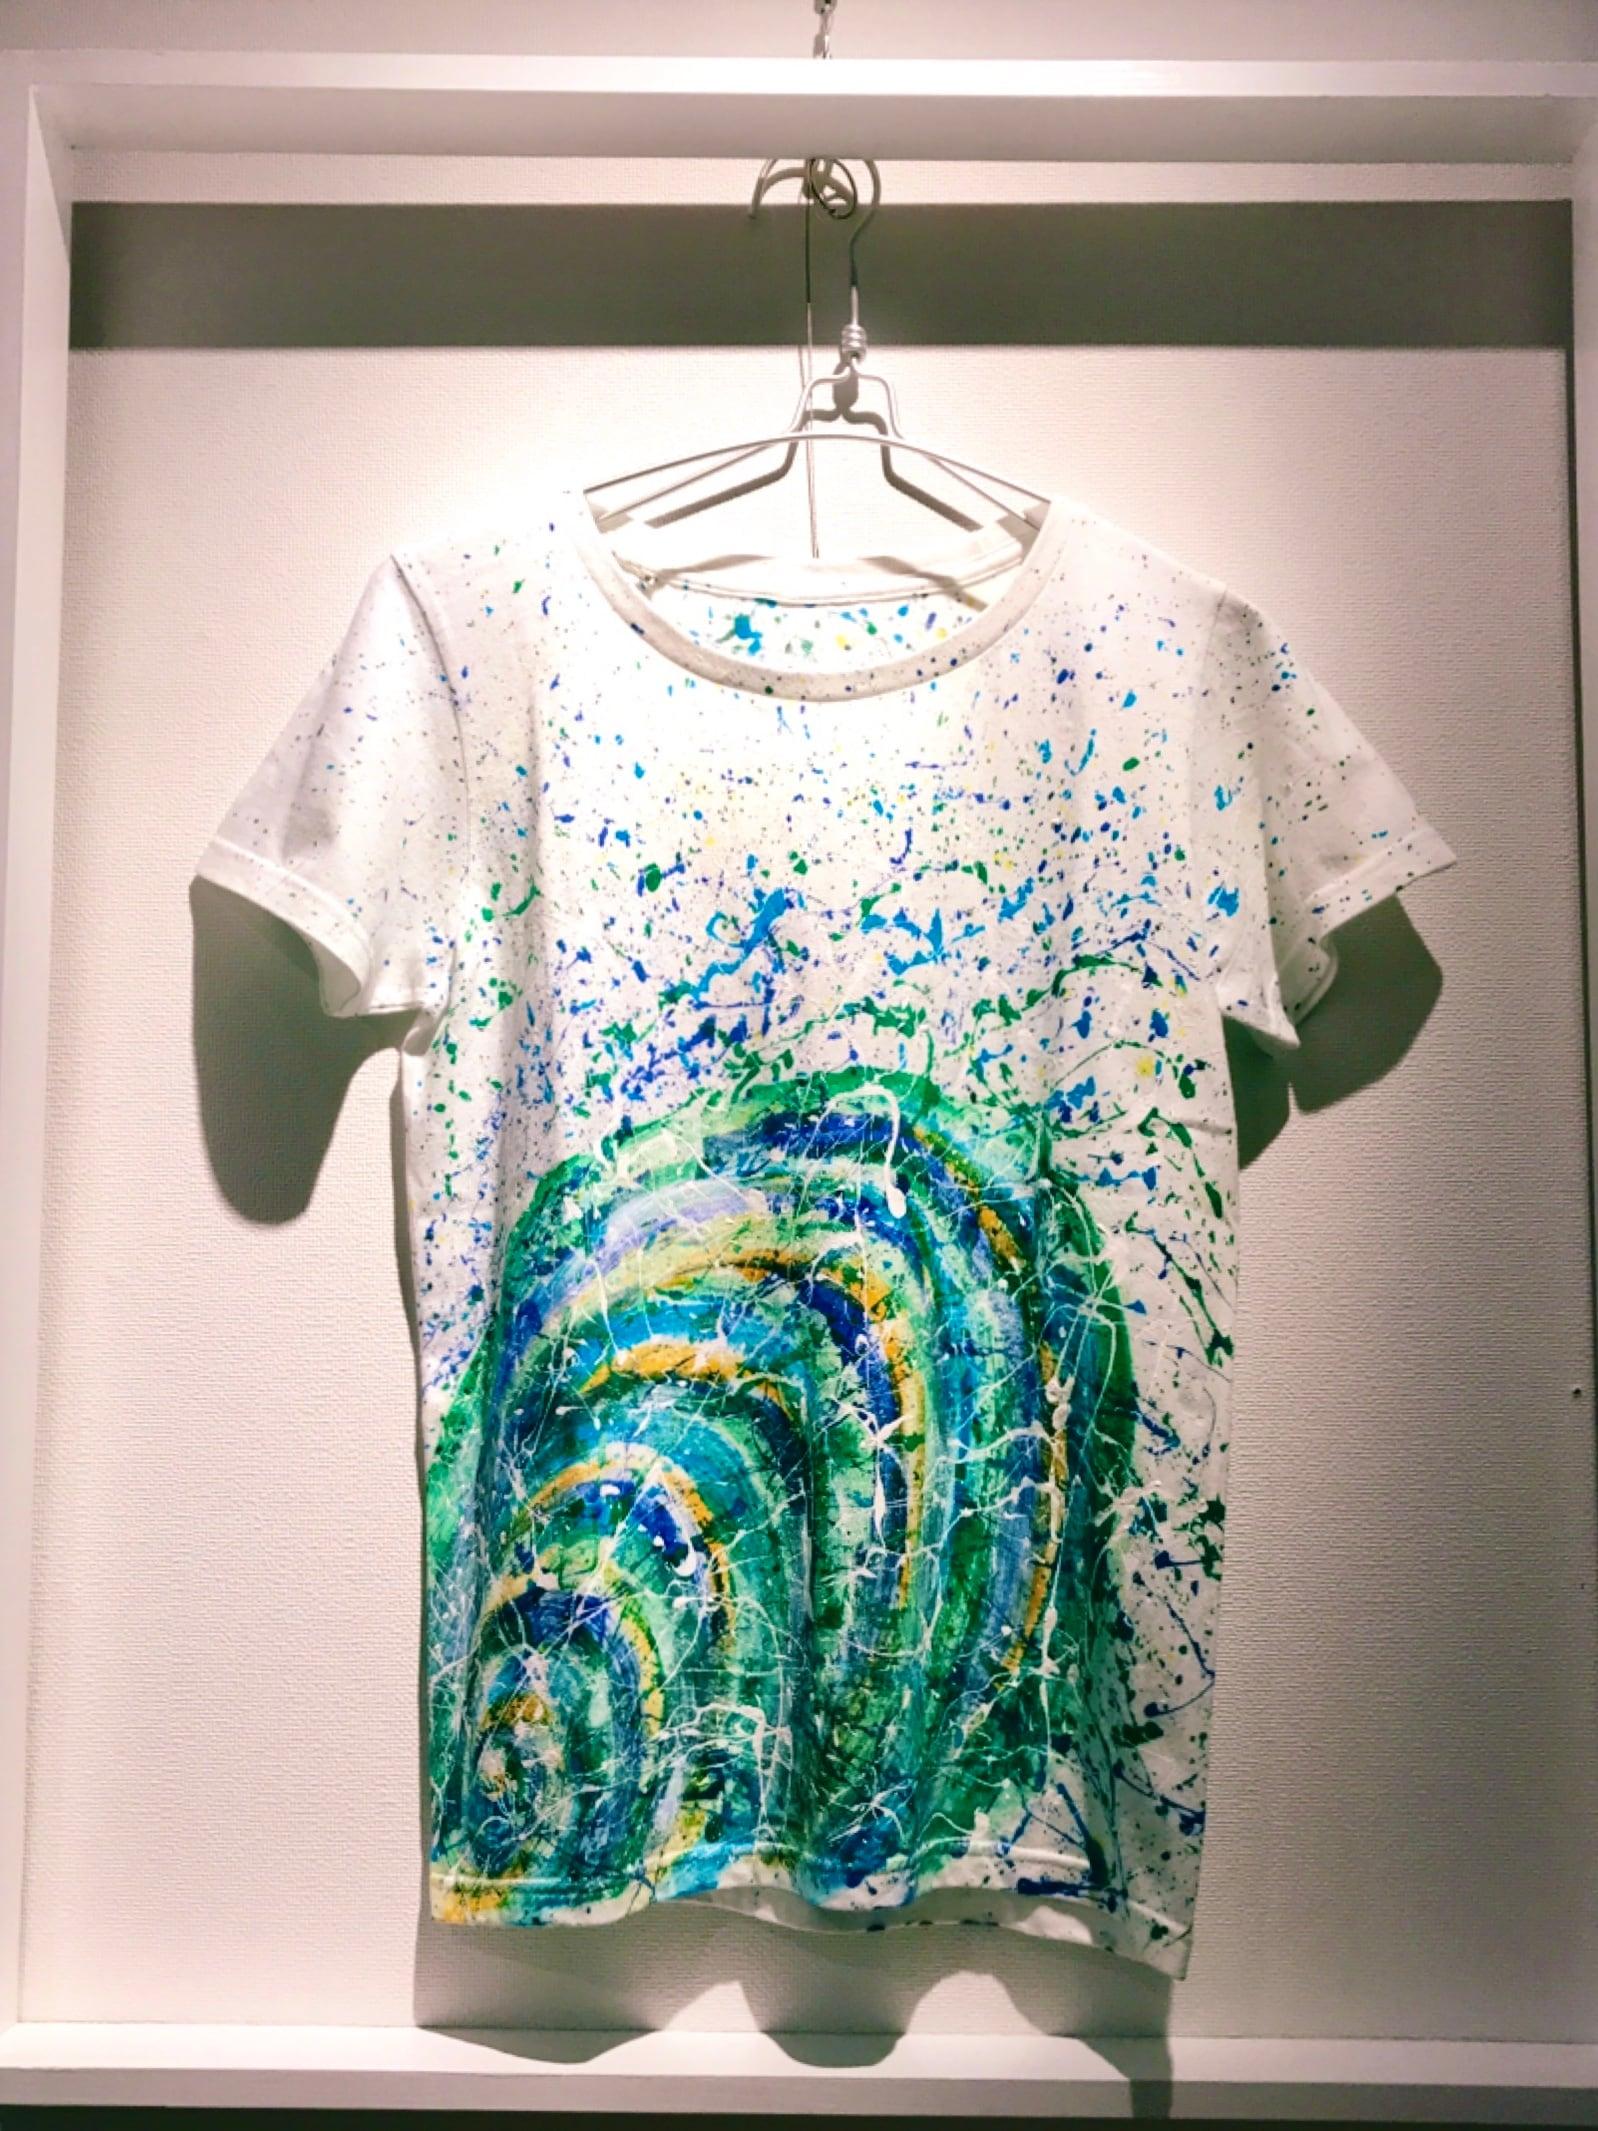 Green スパイラルシブキTシャツ